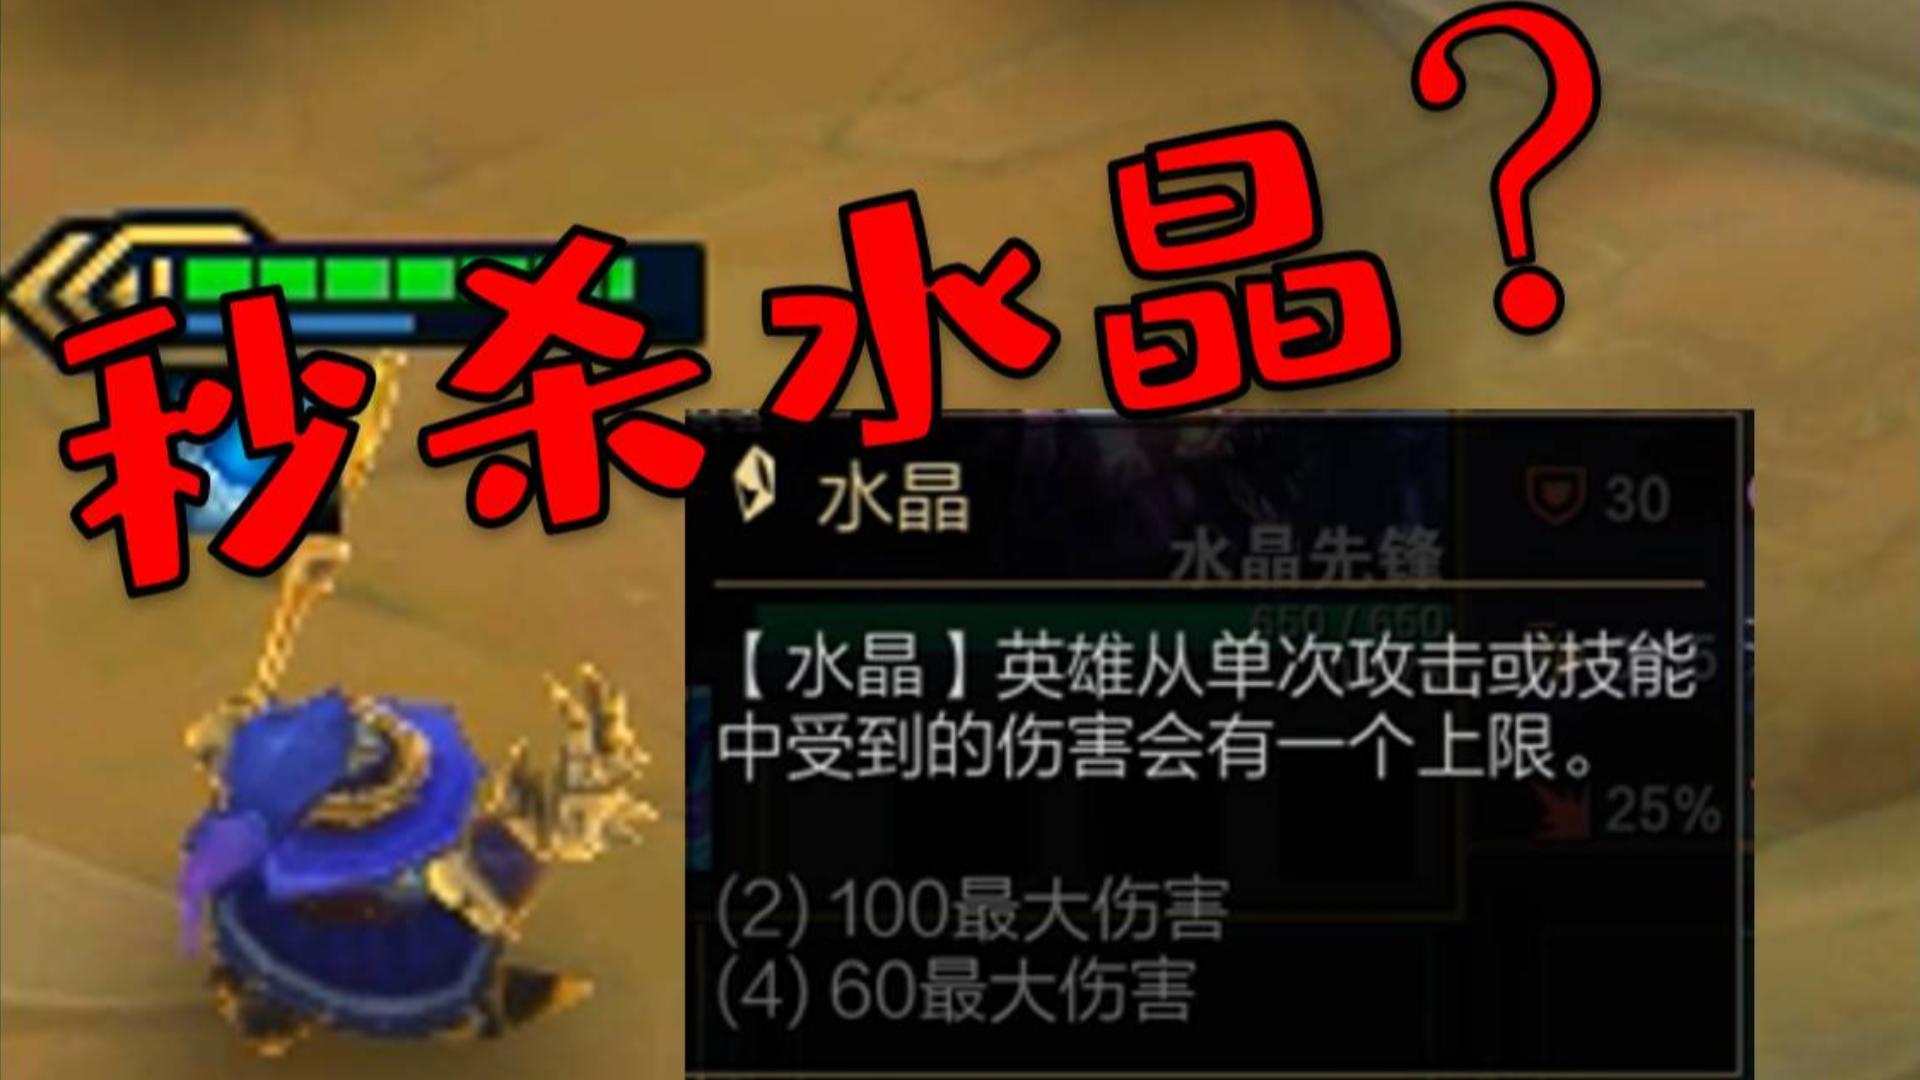 三星小法可以秒杀有水晶BUFF的英雄吗?【云顶之弈S2】06